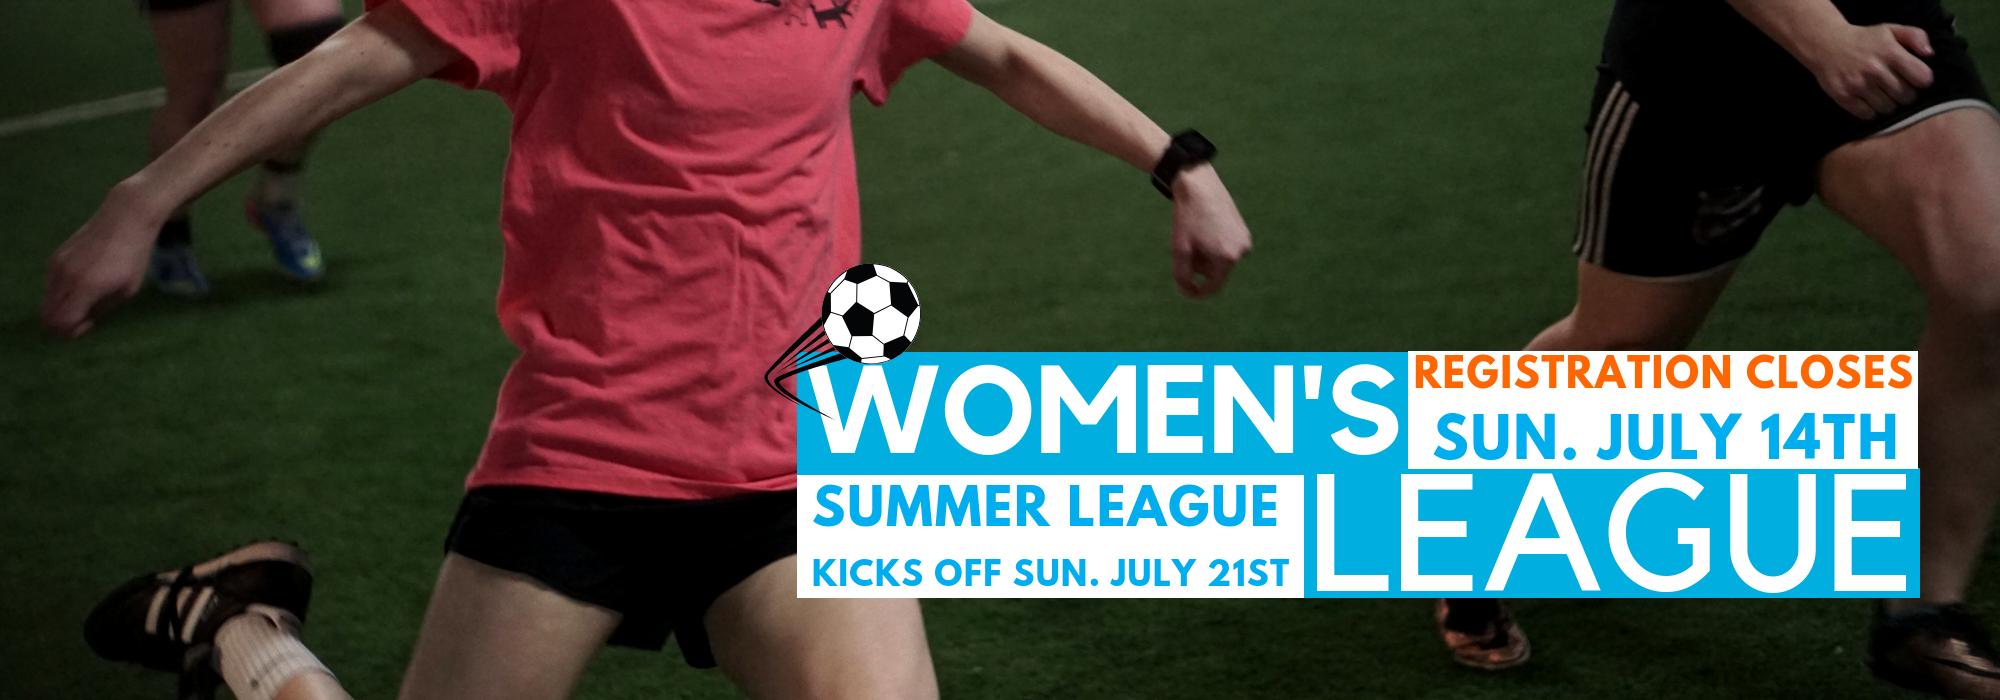 Kansas City Women's Soccer League